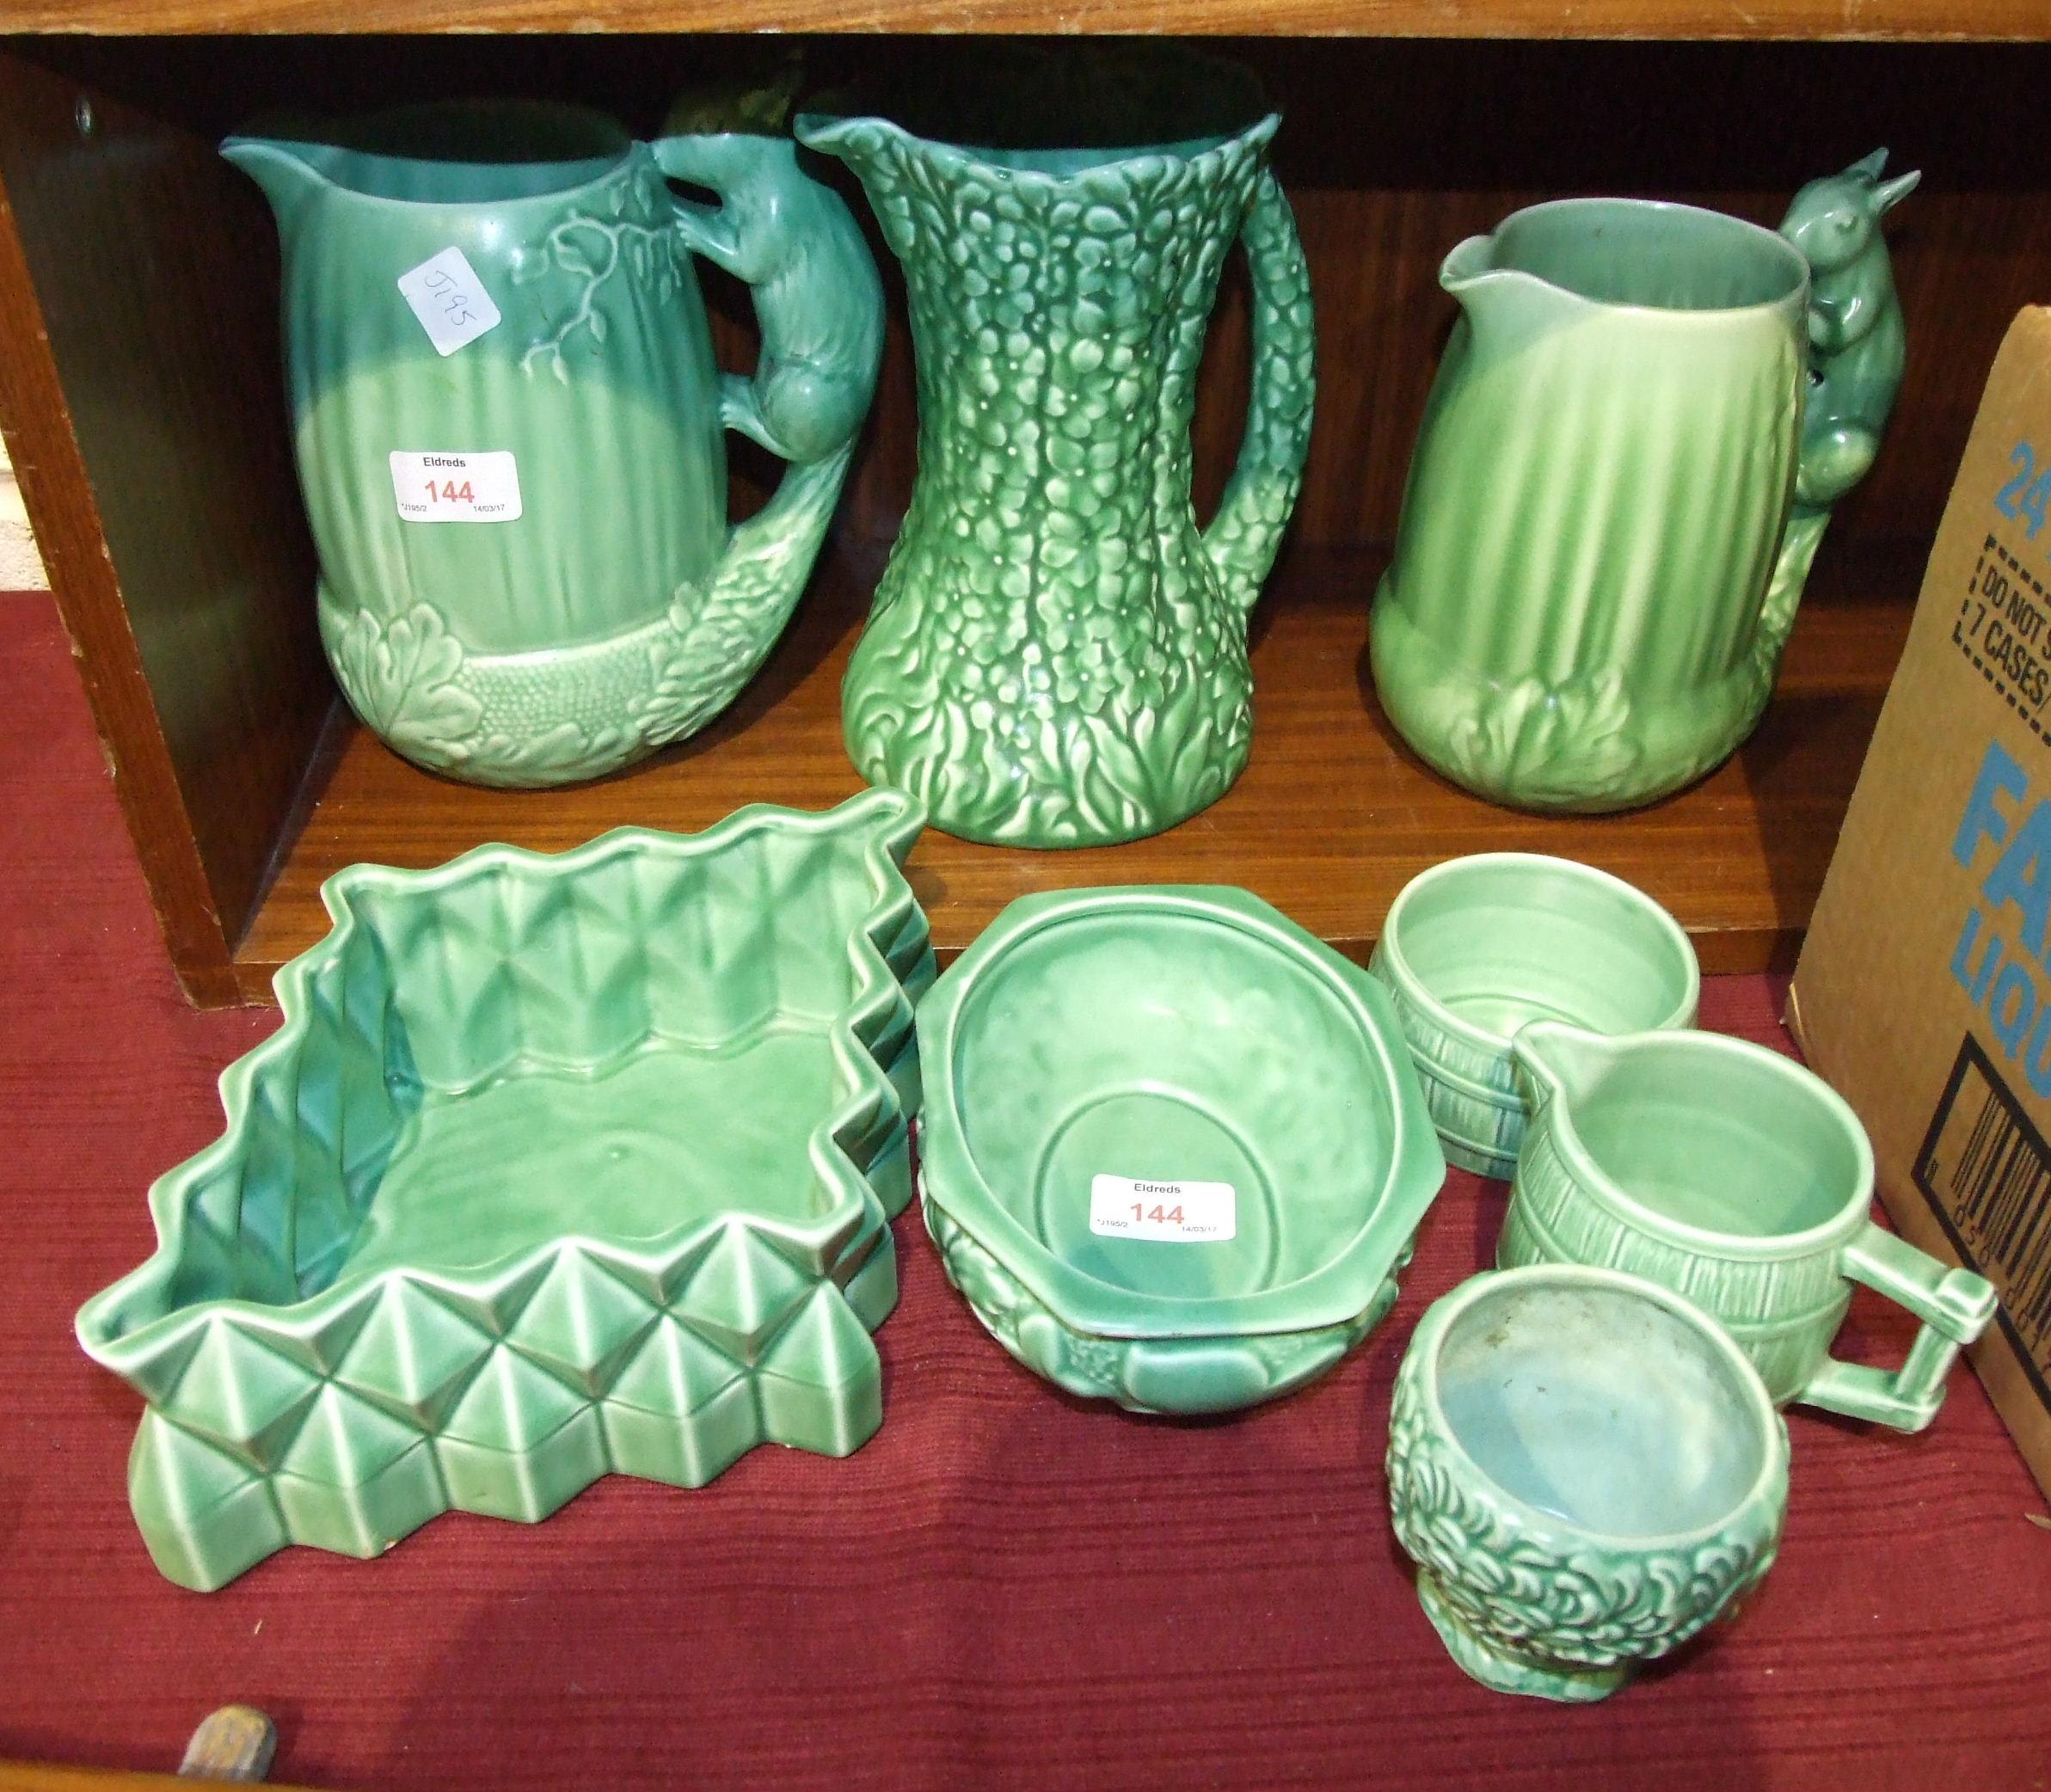 Lot 144 - A SylvaC acorn jug with squirrel handle, no.1959, (ear restored), a similar smaller jug, no.1958,